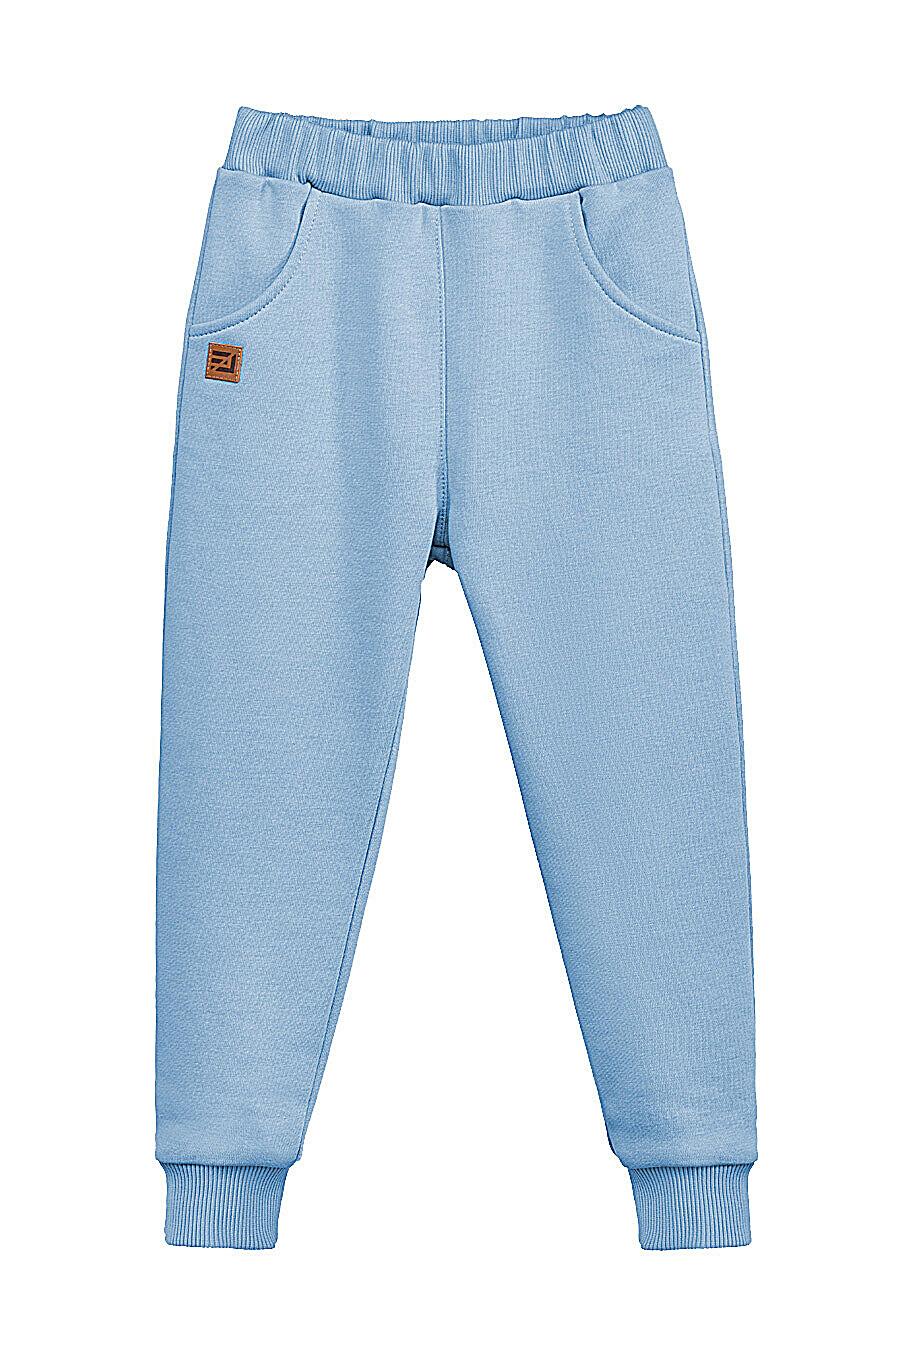 Костюм(Толстовка+Брюки) для мальчиков EZANNA 682384 купить оптом от производителя. Совместная покупка детской одежды в OptMoyo